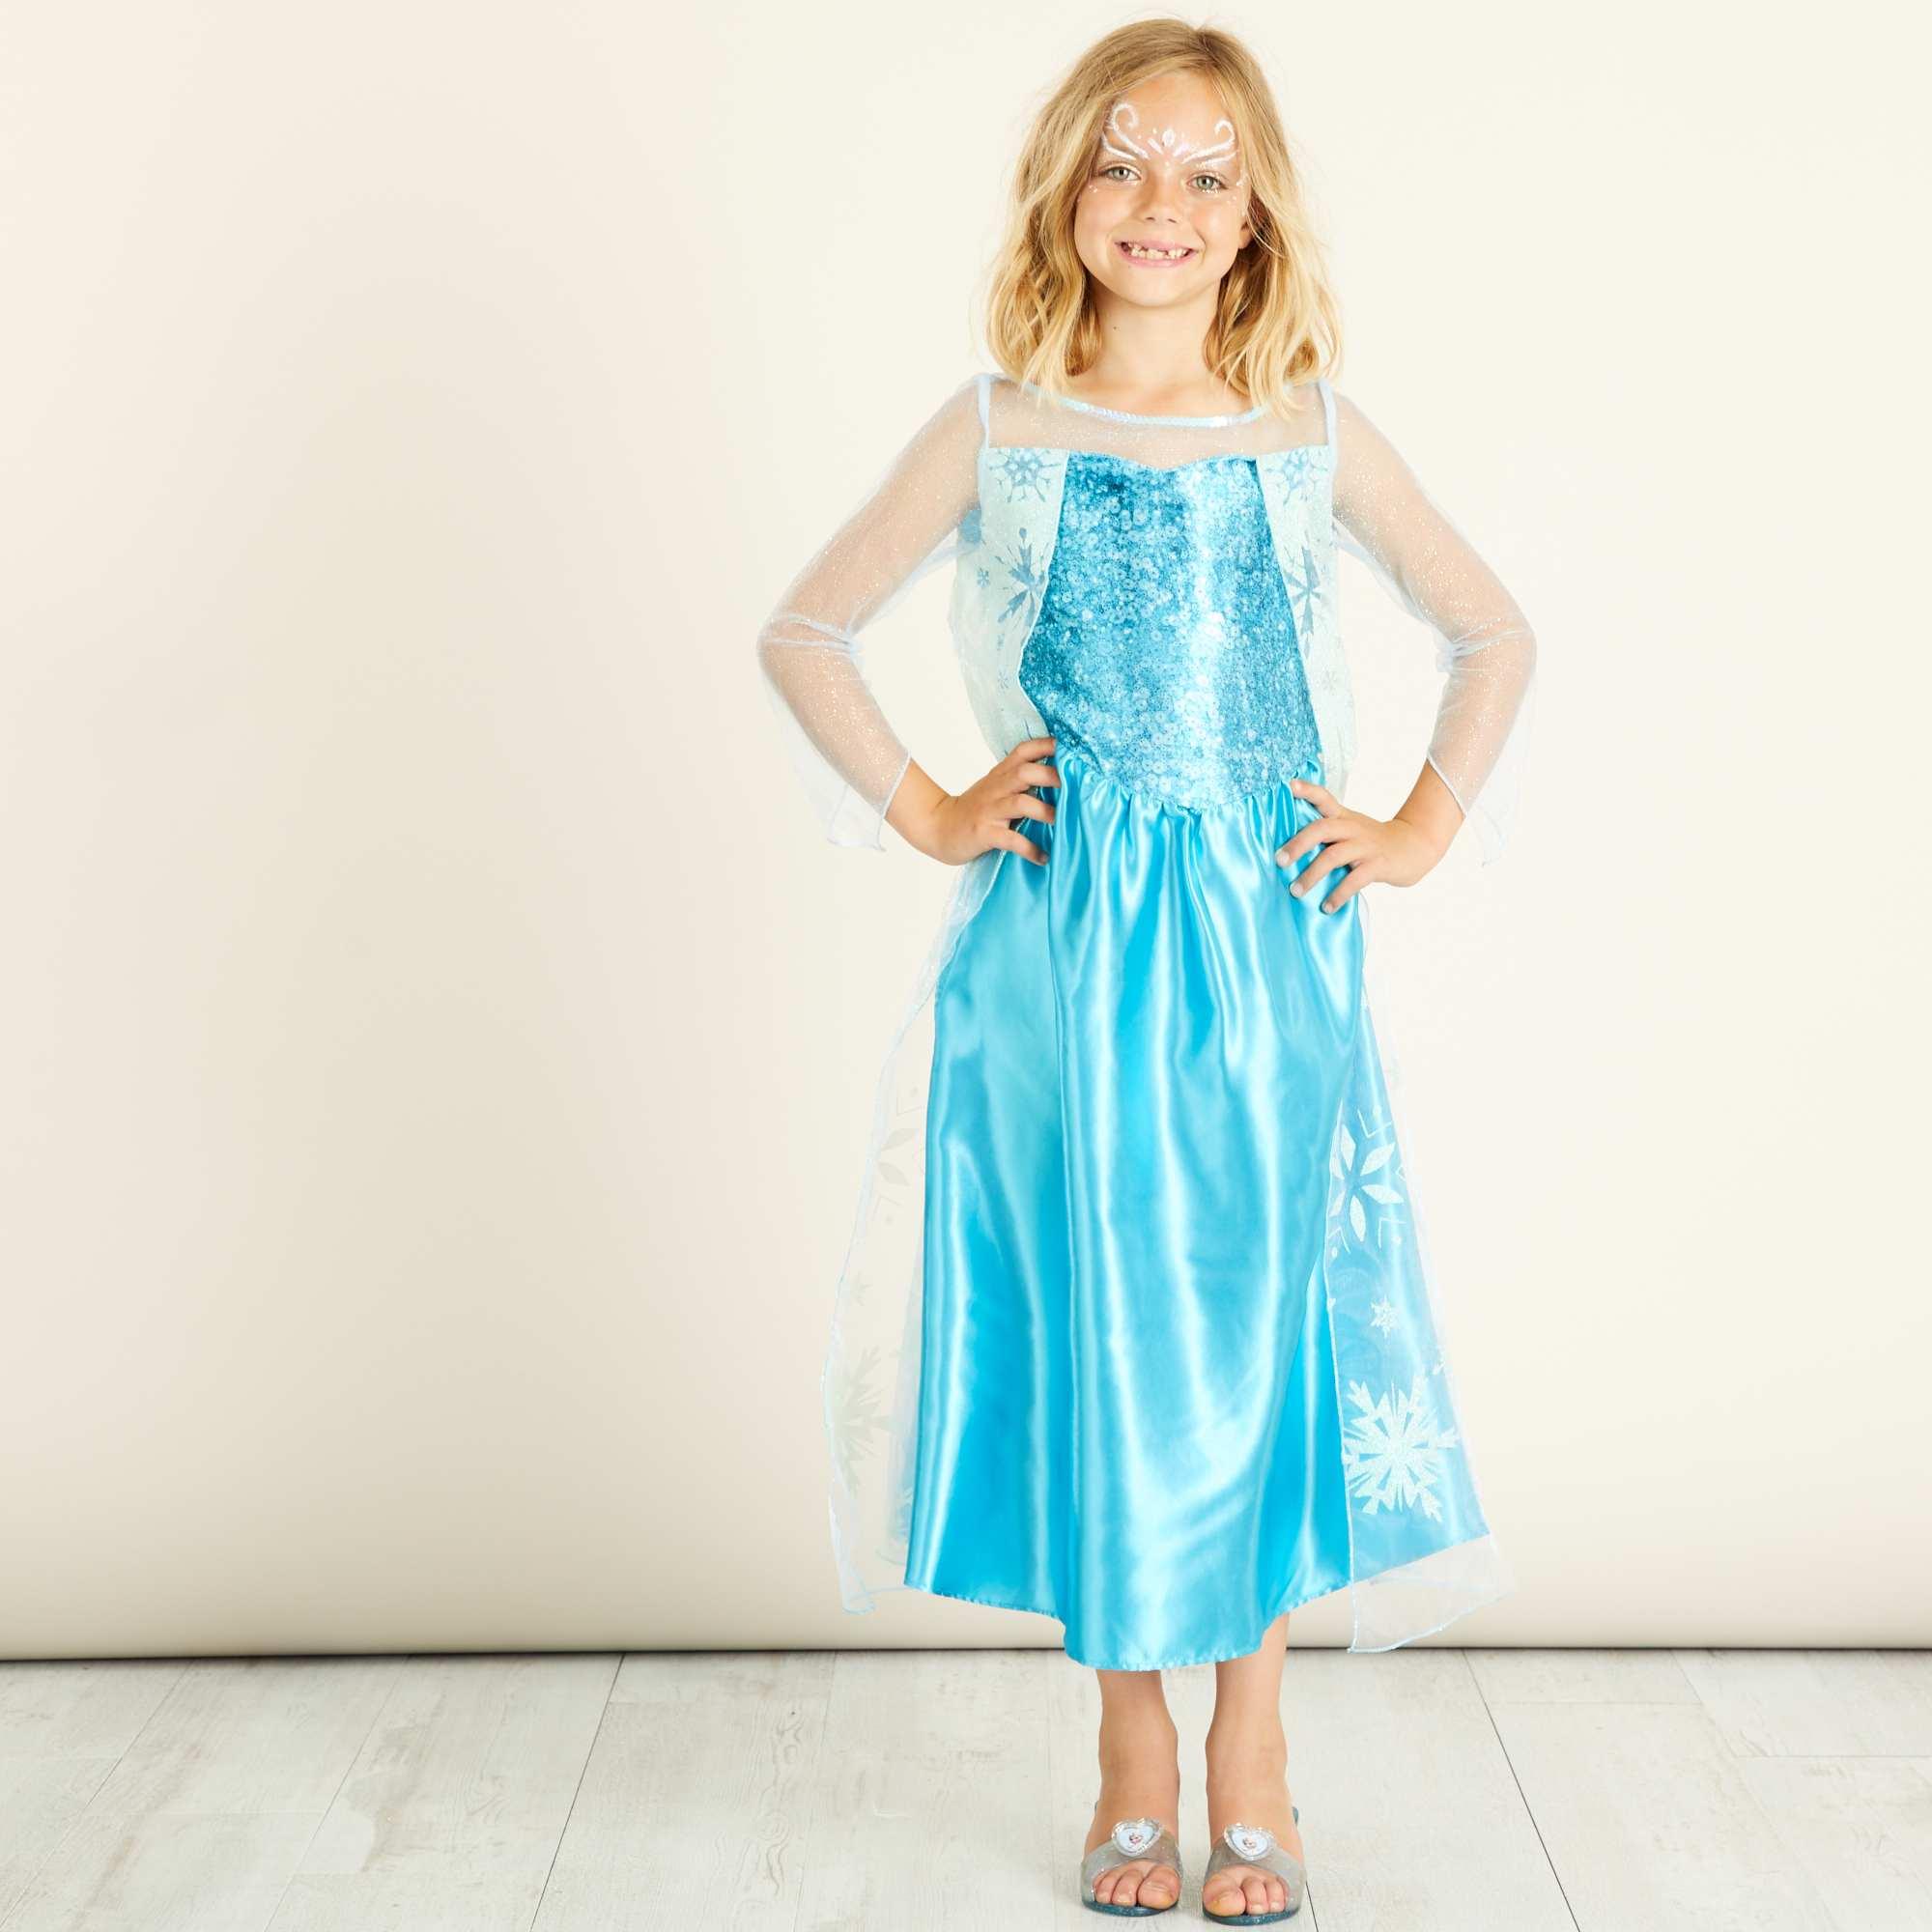 D guisement 39 elsa 39 39 reine des neiges 39 enfant bleu - La reine des neige elsa ...